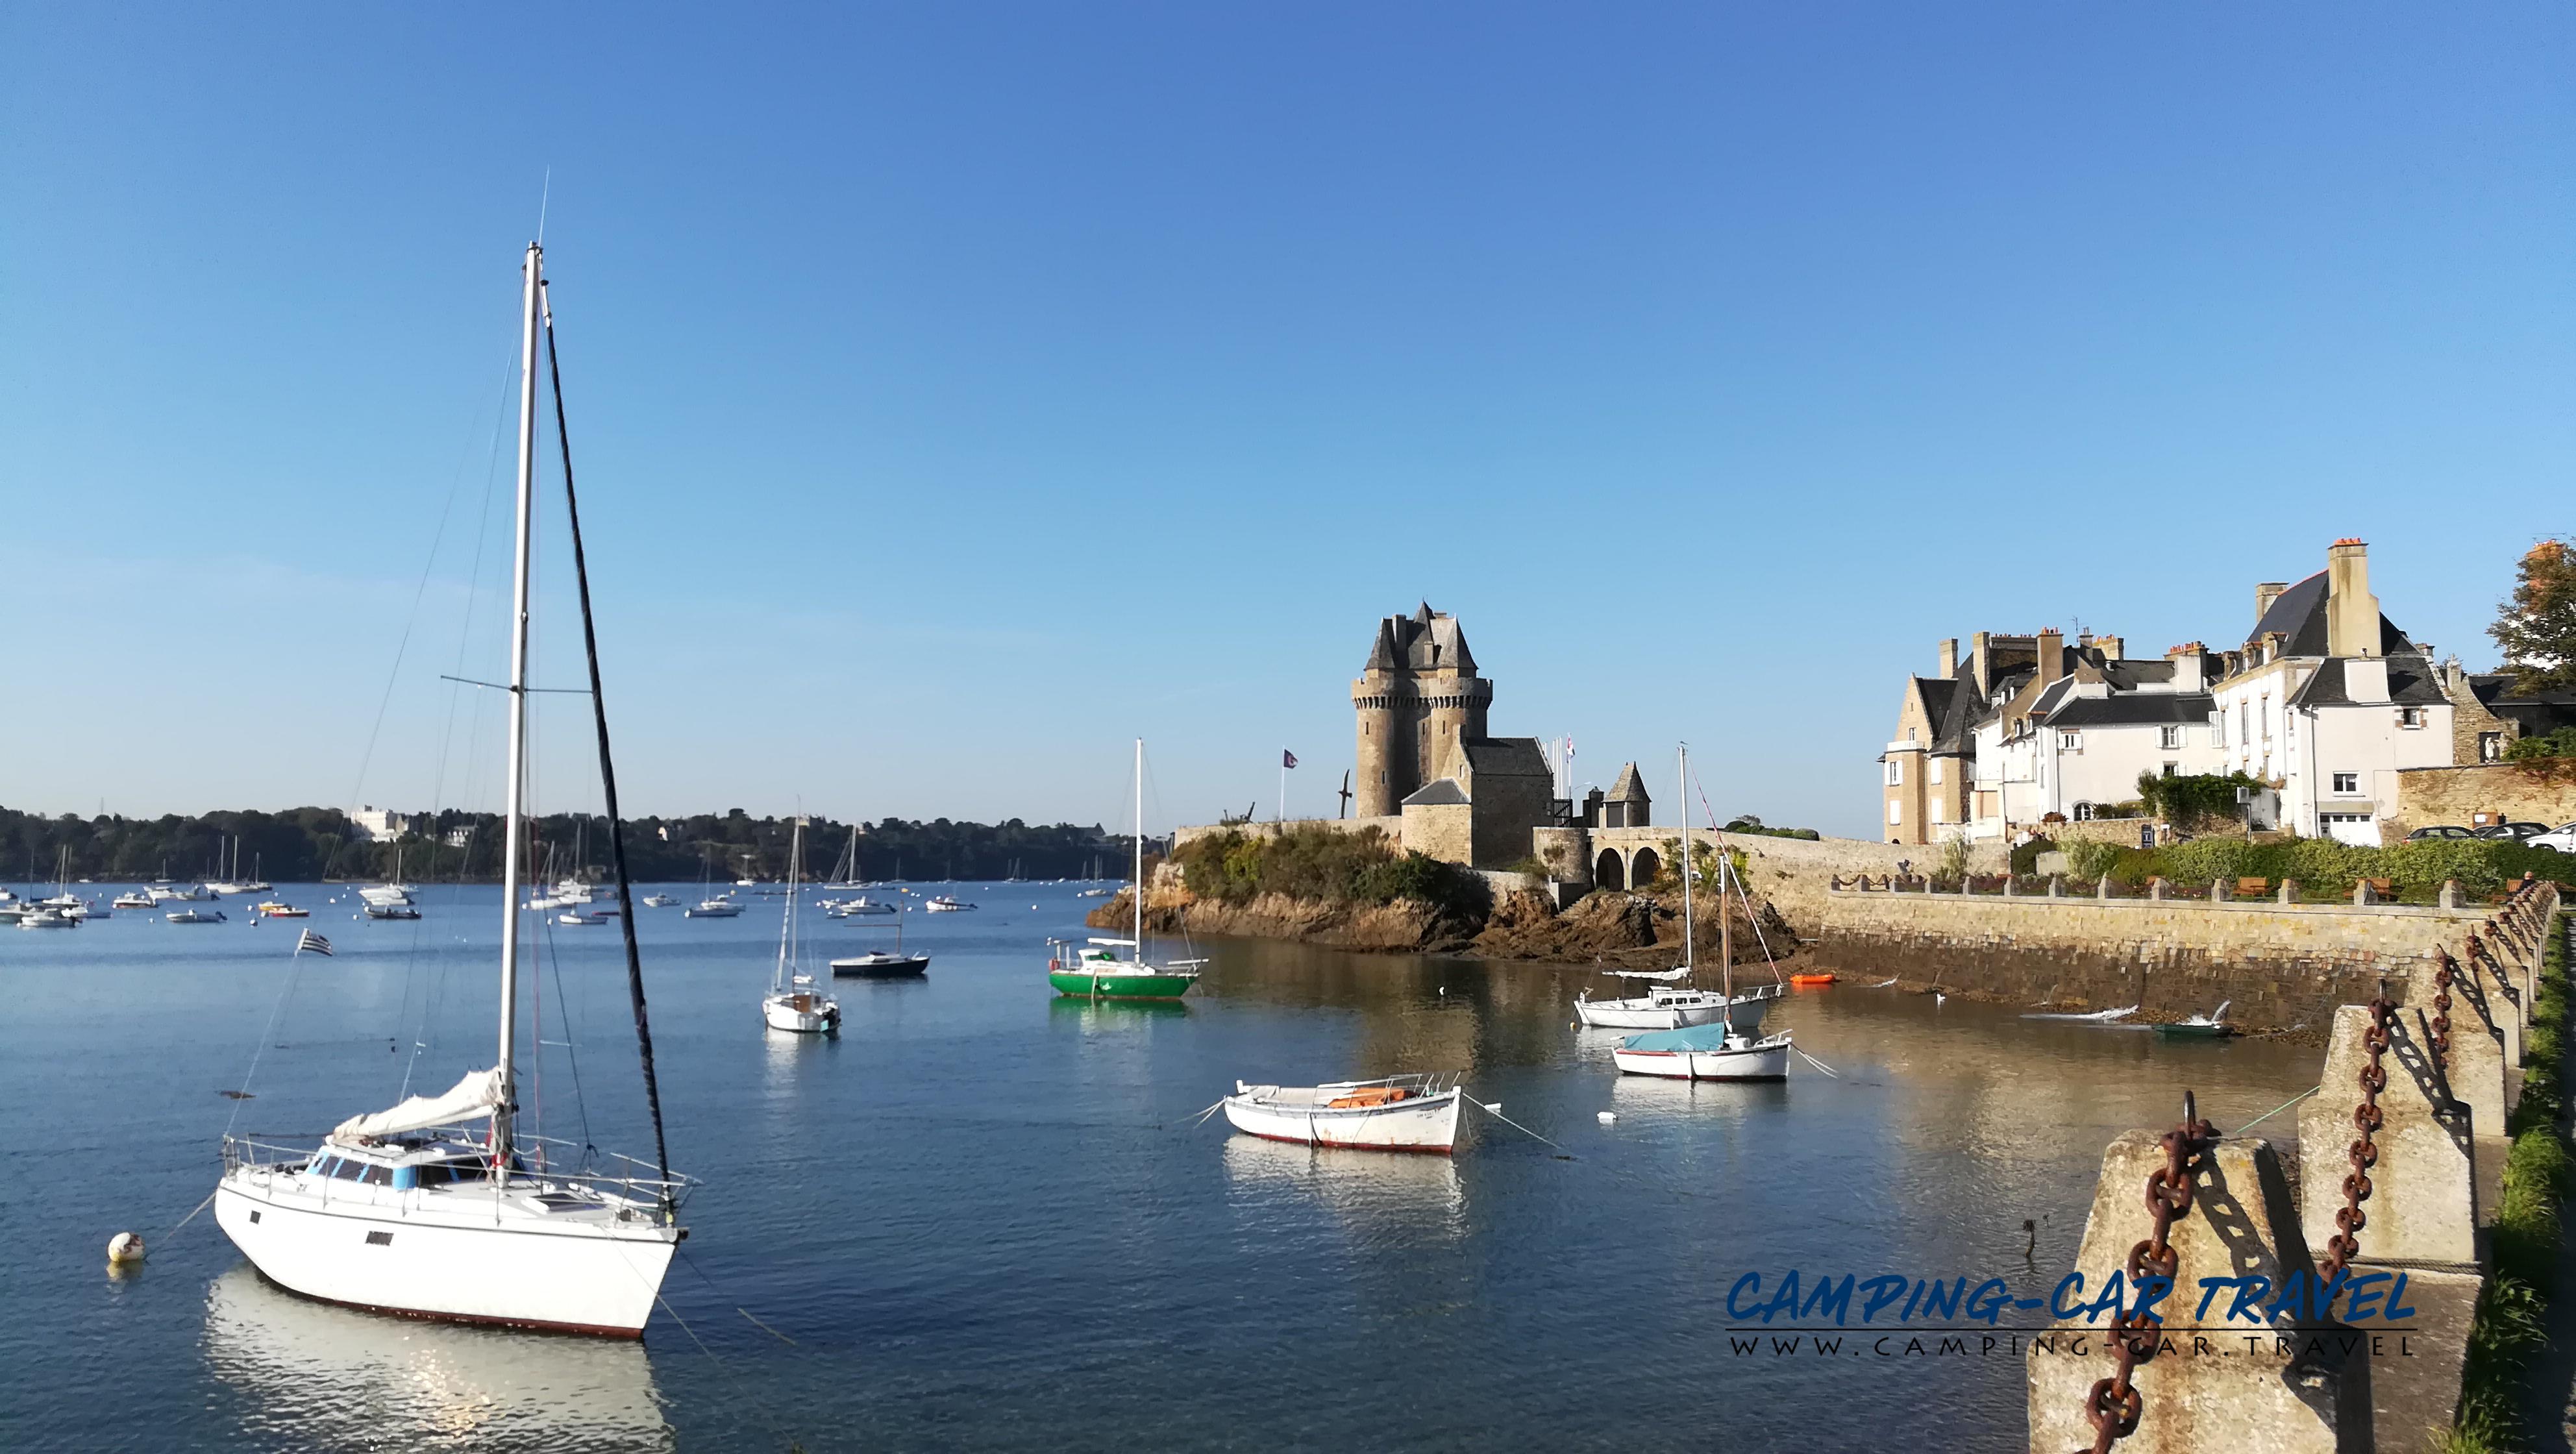 aire services camping car Saint-Malo Ile-et-Vilaine Bretagne